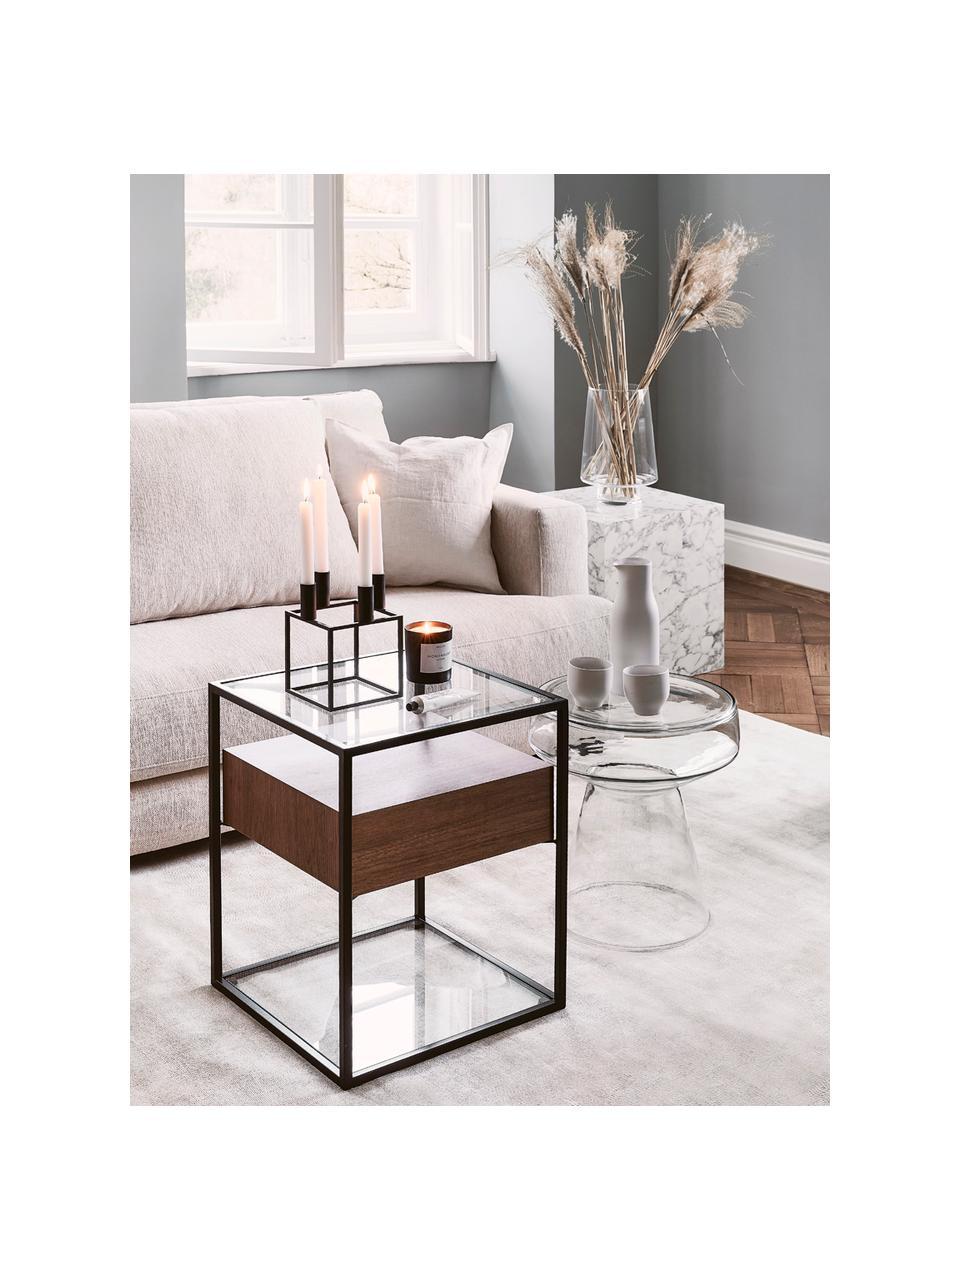 Table d'appoint avec tiroir Helix, Transparent, noir, bois d'acacia